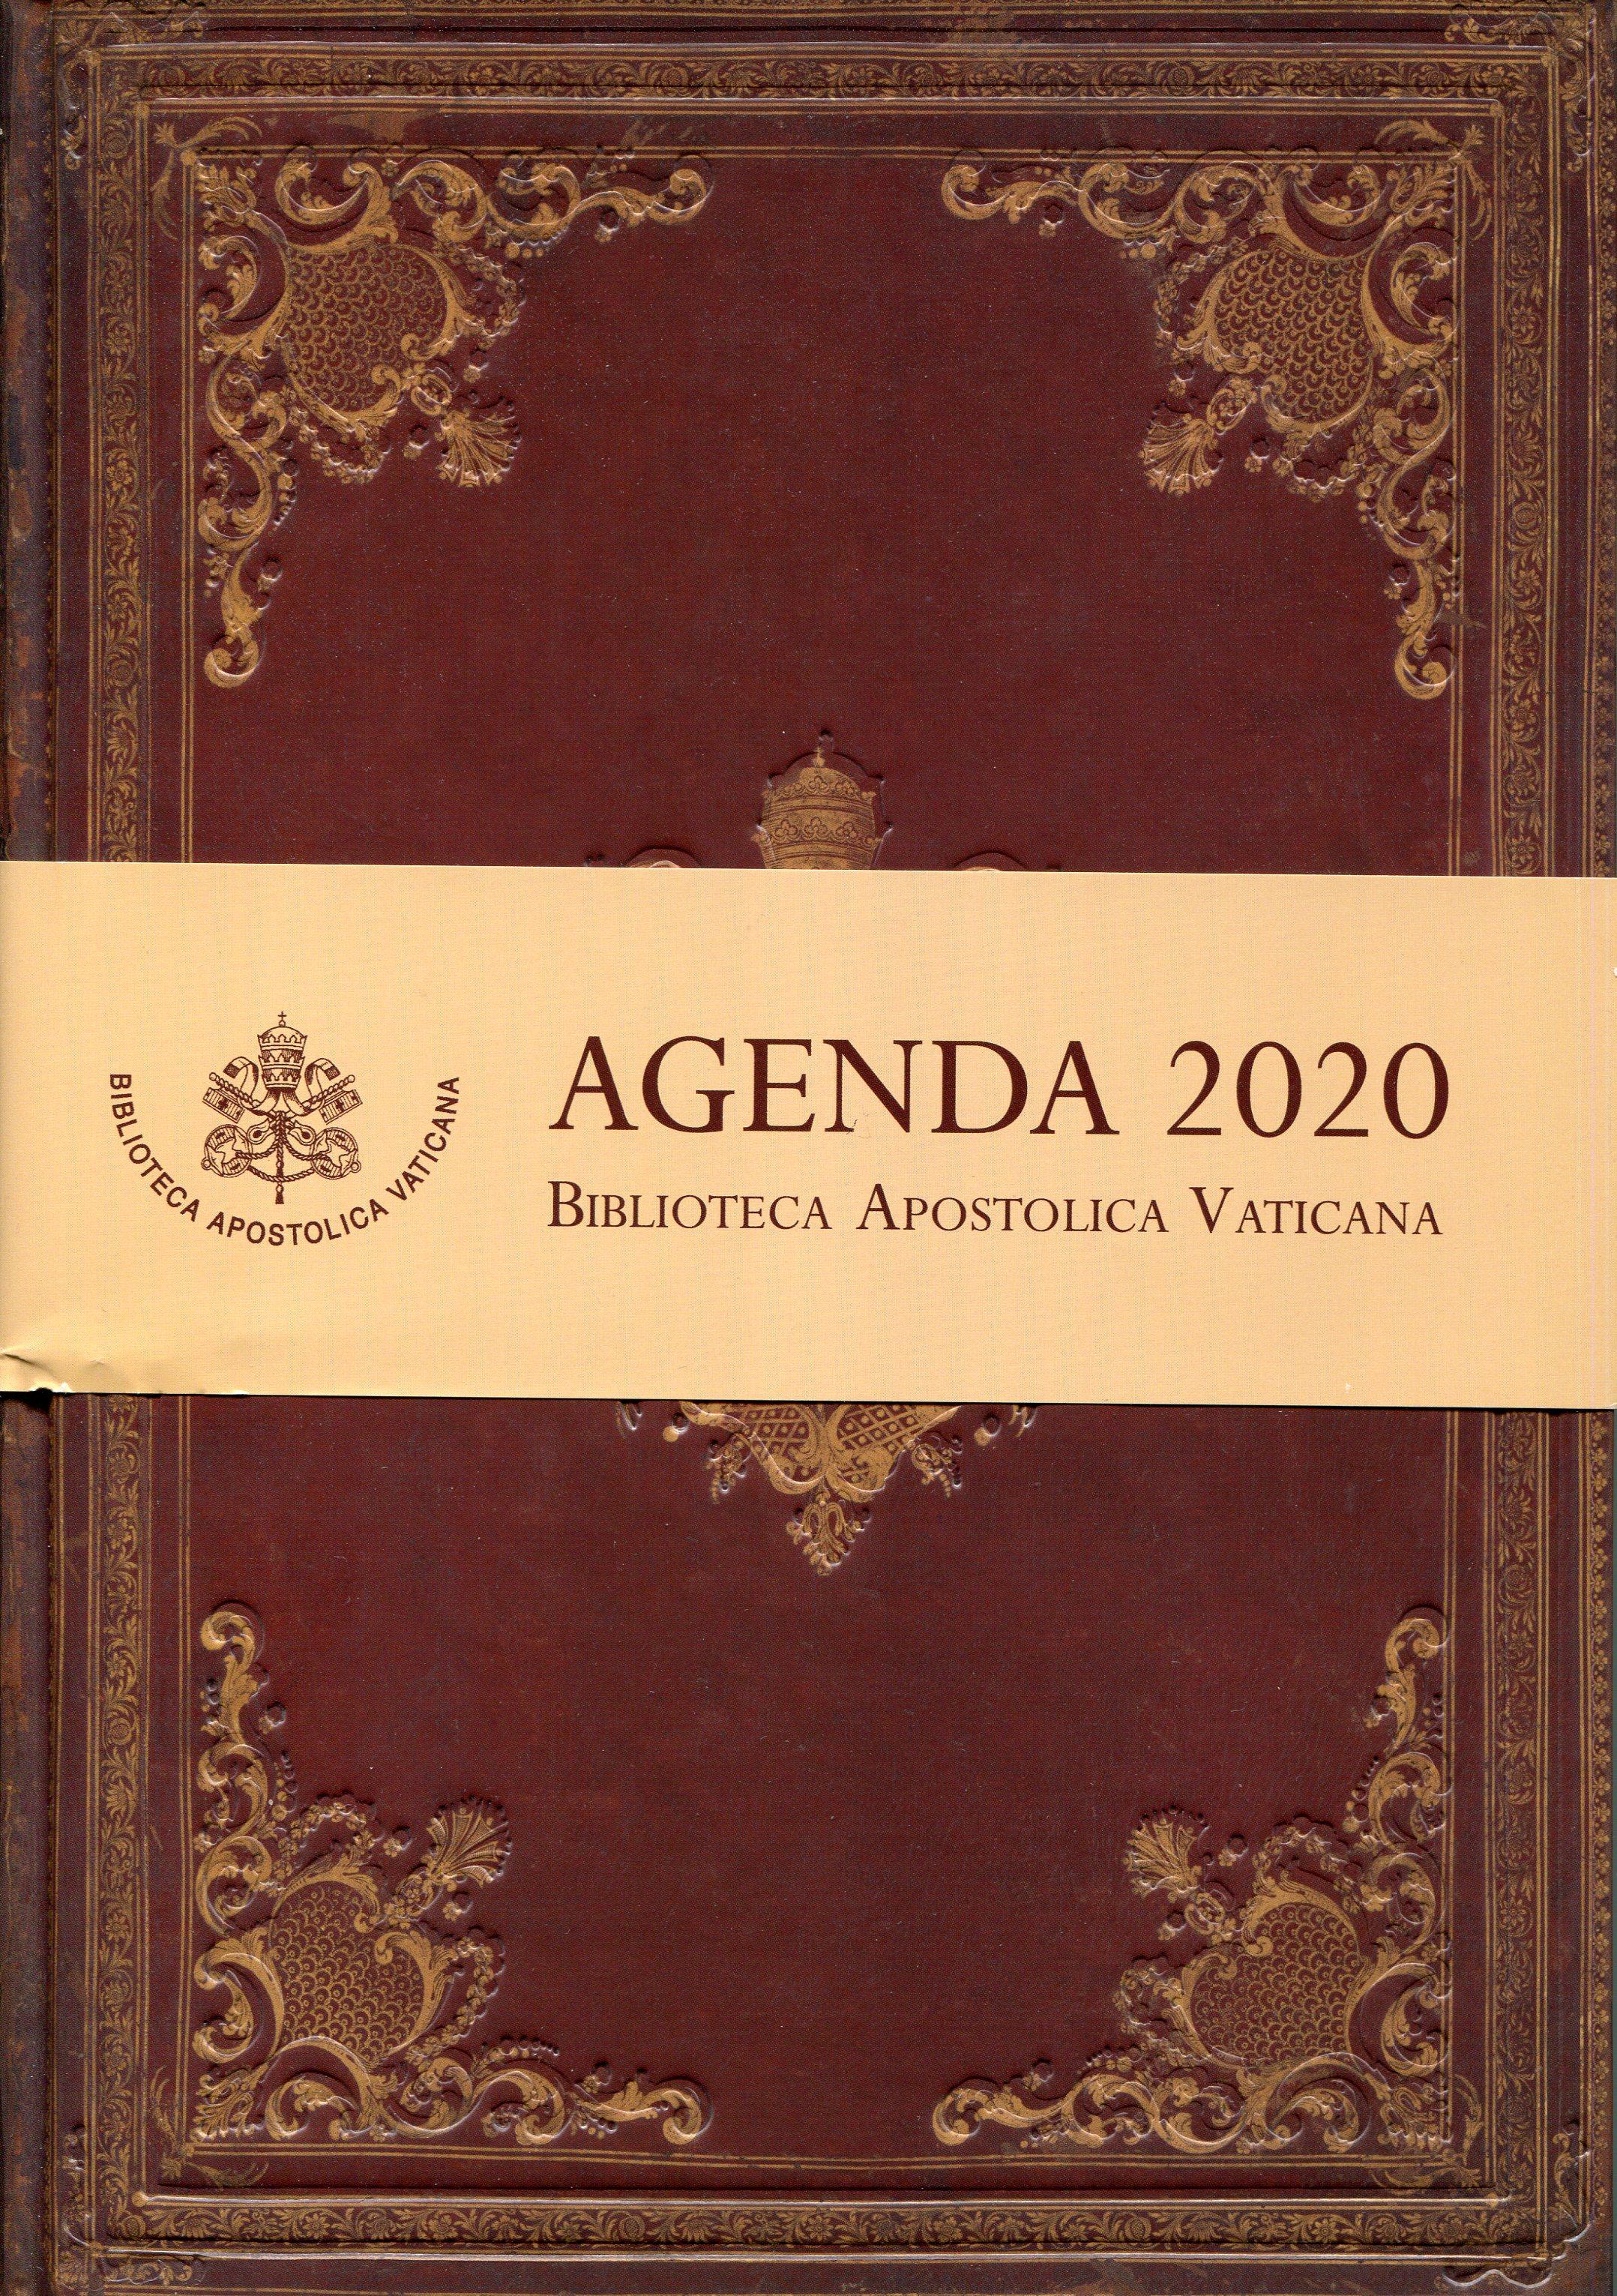 Agenda 2020 - Agende annuali della Biblioteca Apostolica Vaticana - (grande 18x25)